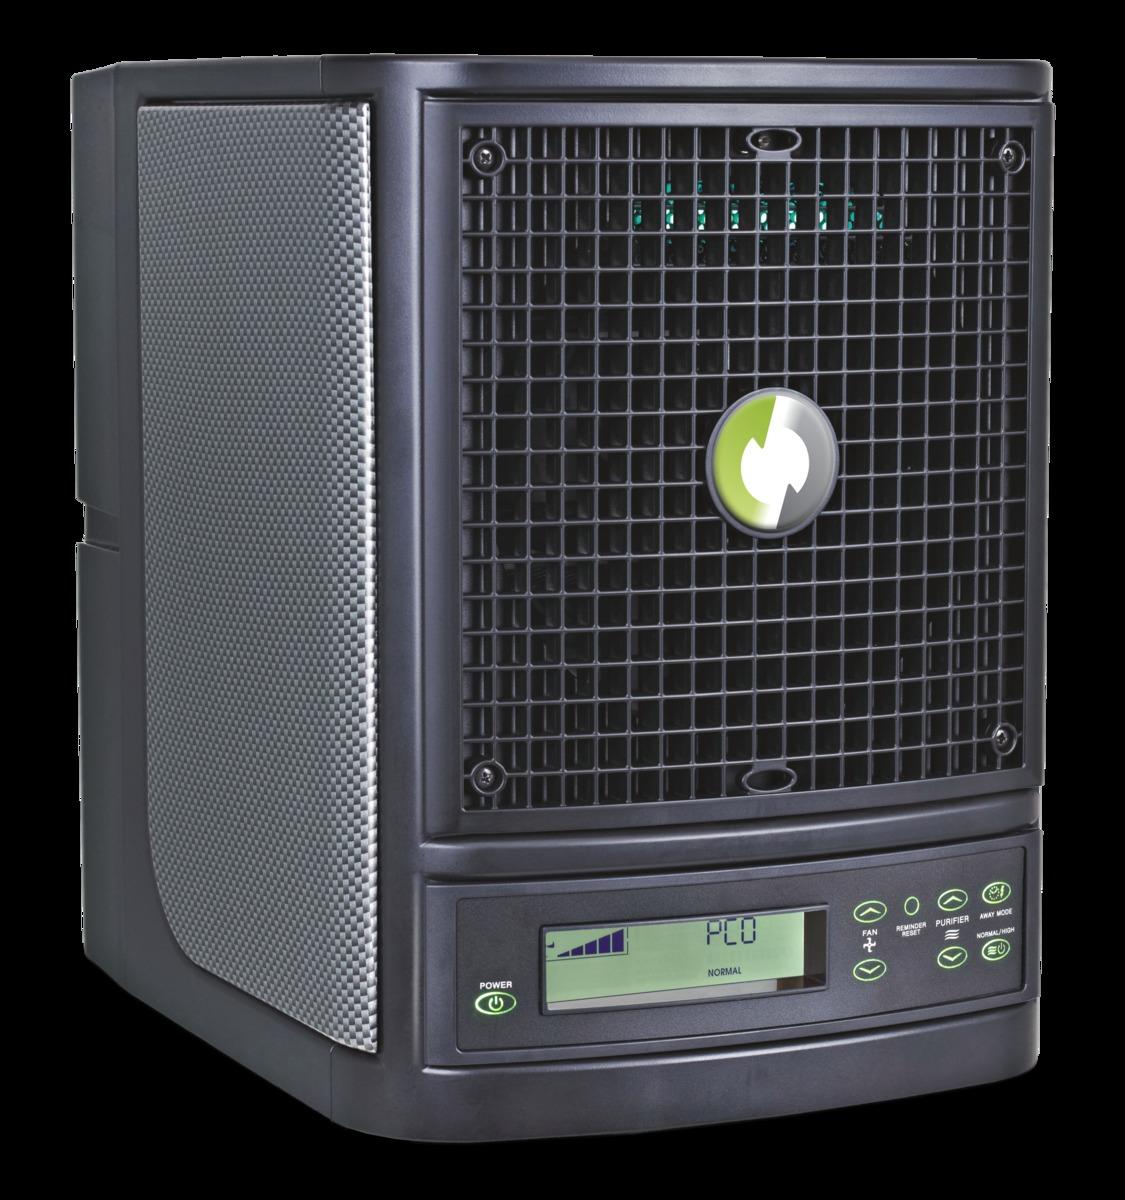 空気浄化装置 AP3001 臭い対策 インフルエンザ対策 ノロ対策 食品管理 食中毒対策 エチレン対策 空気清浄機 と違う空気浄化